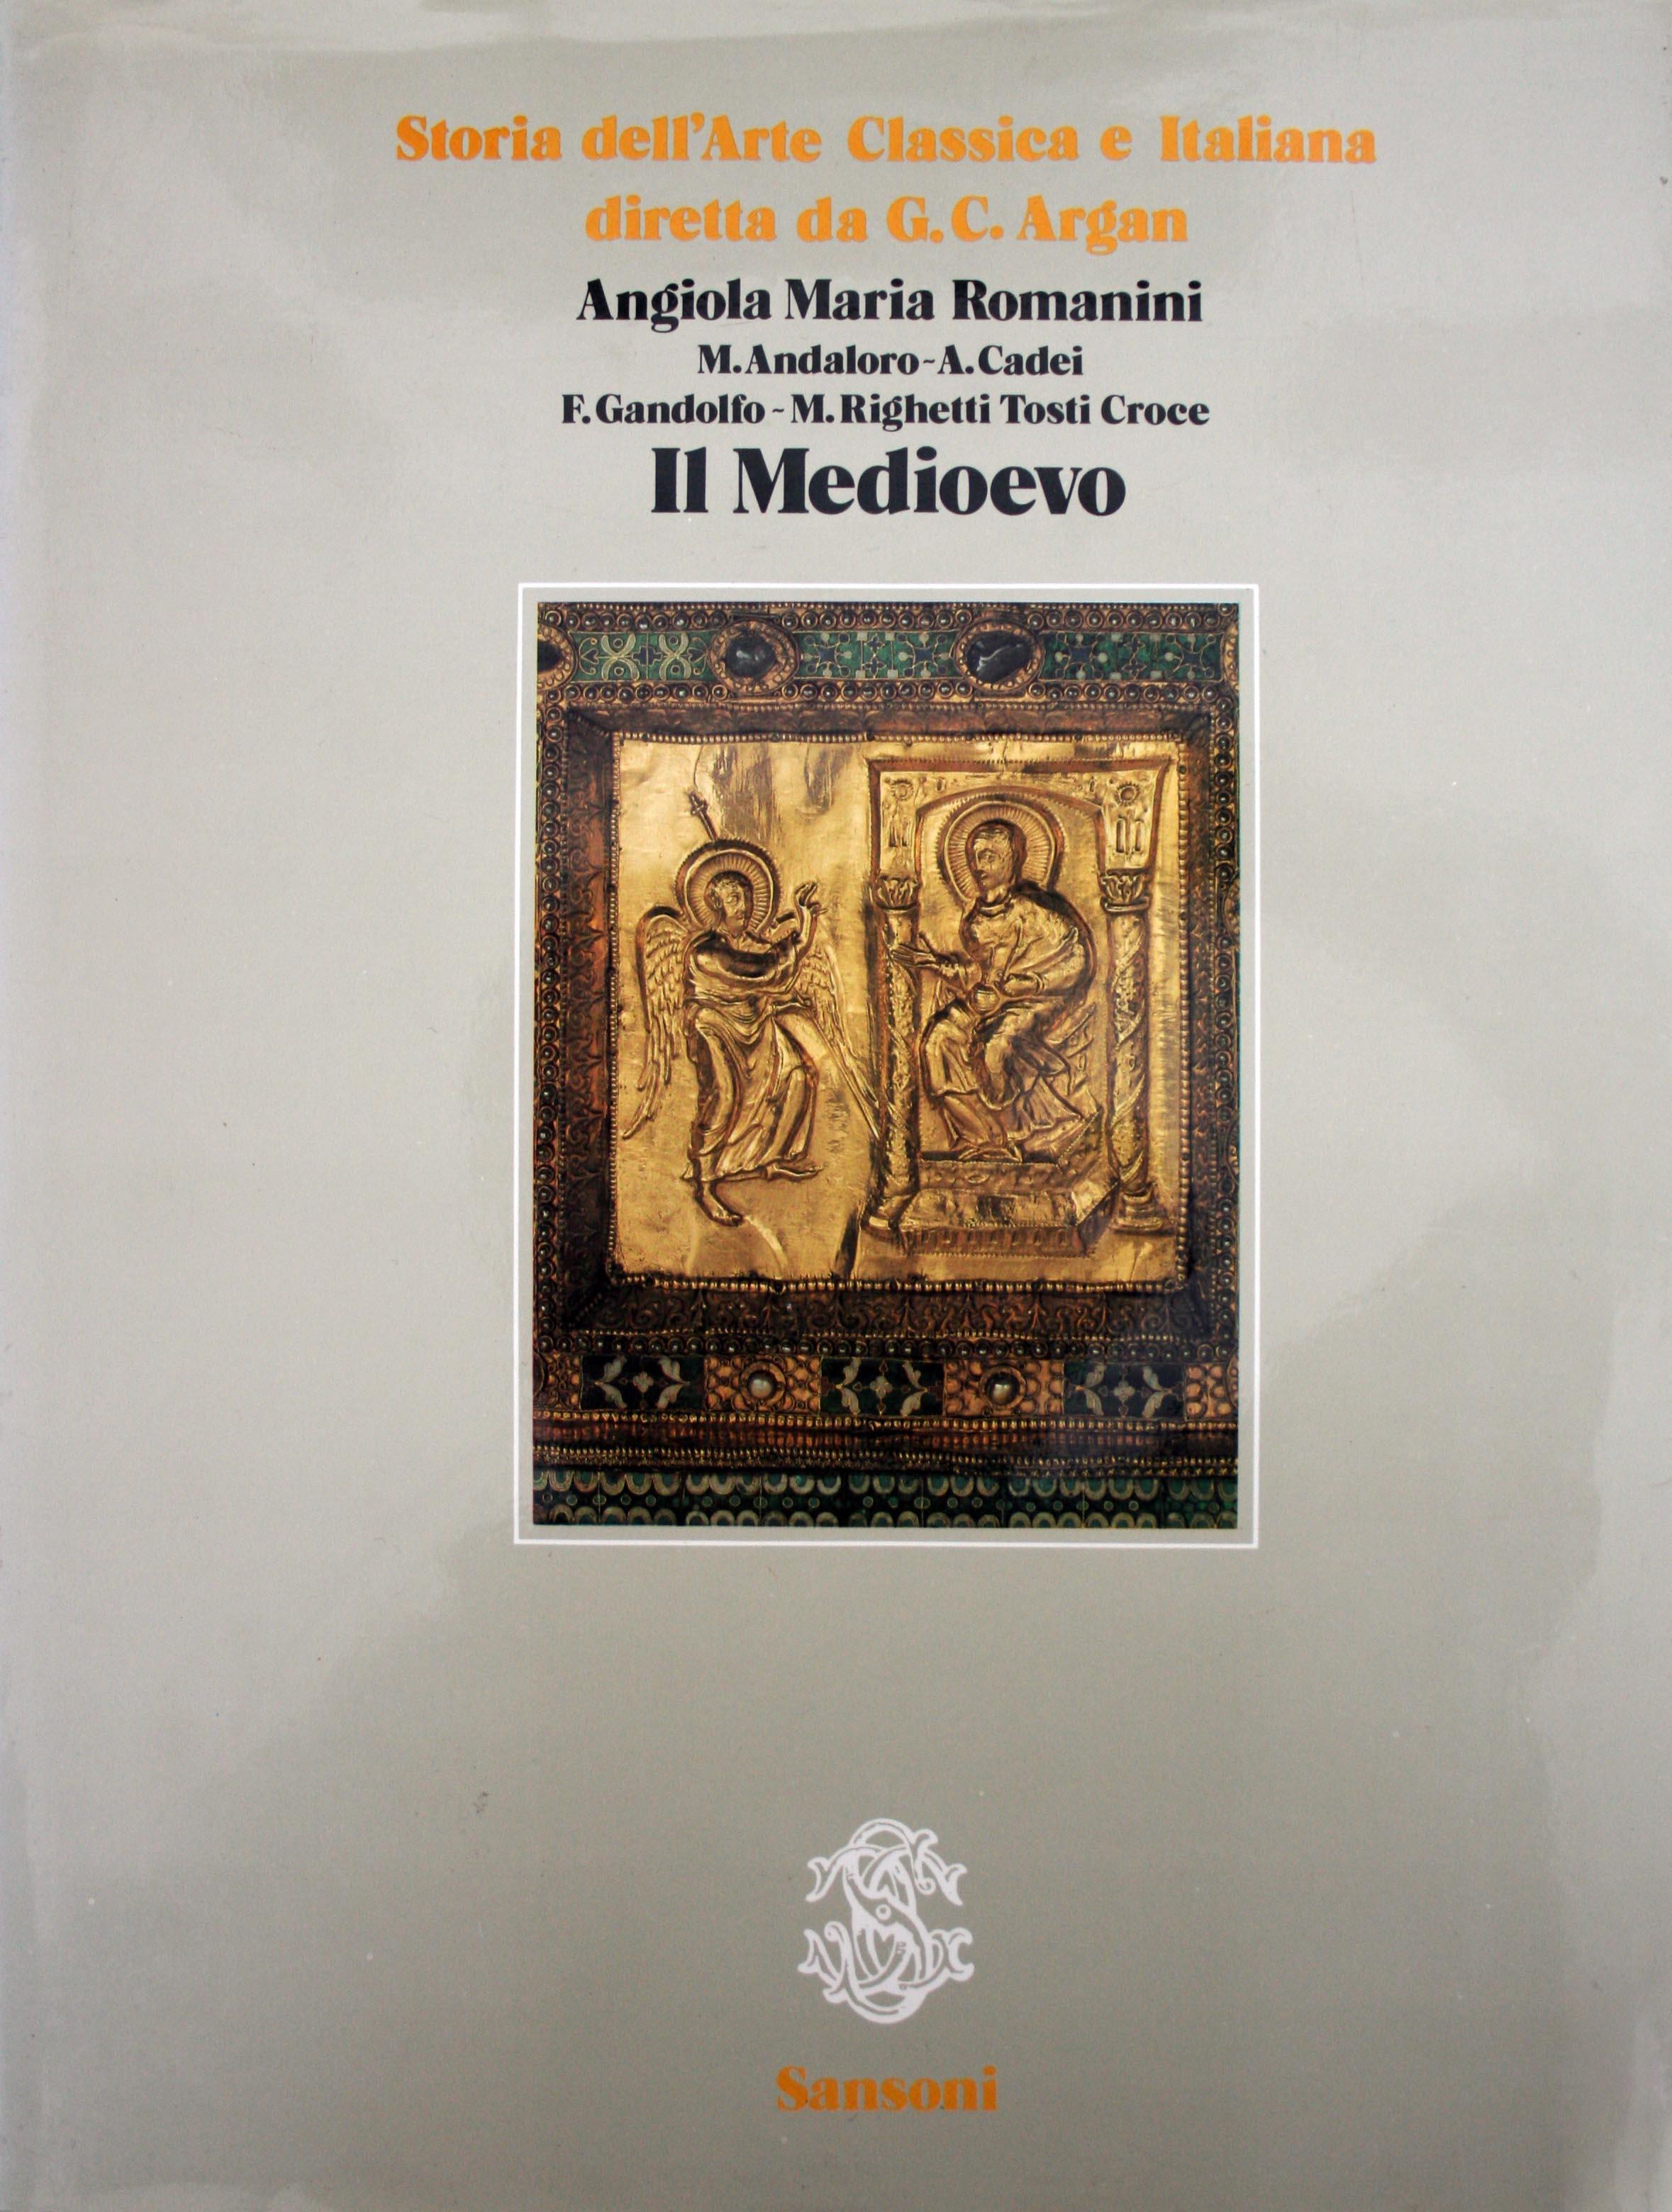 Storia dell'arte classica e italiana. Volume secondo